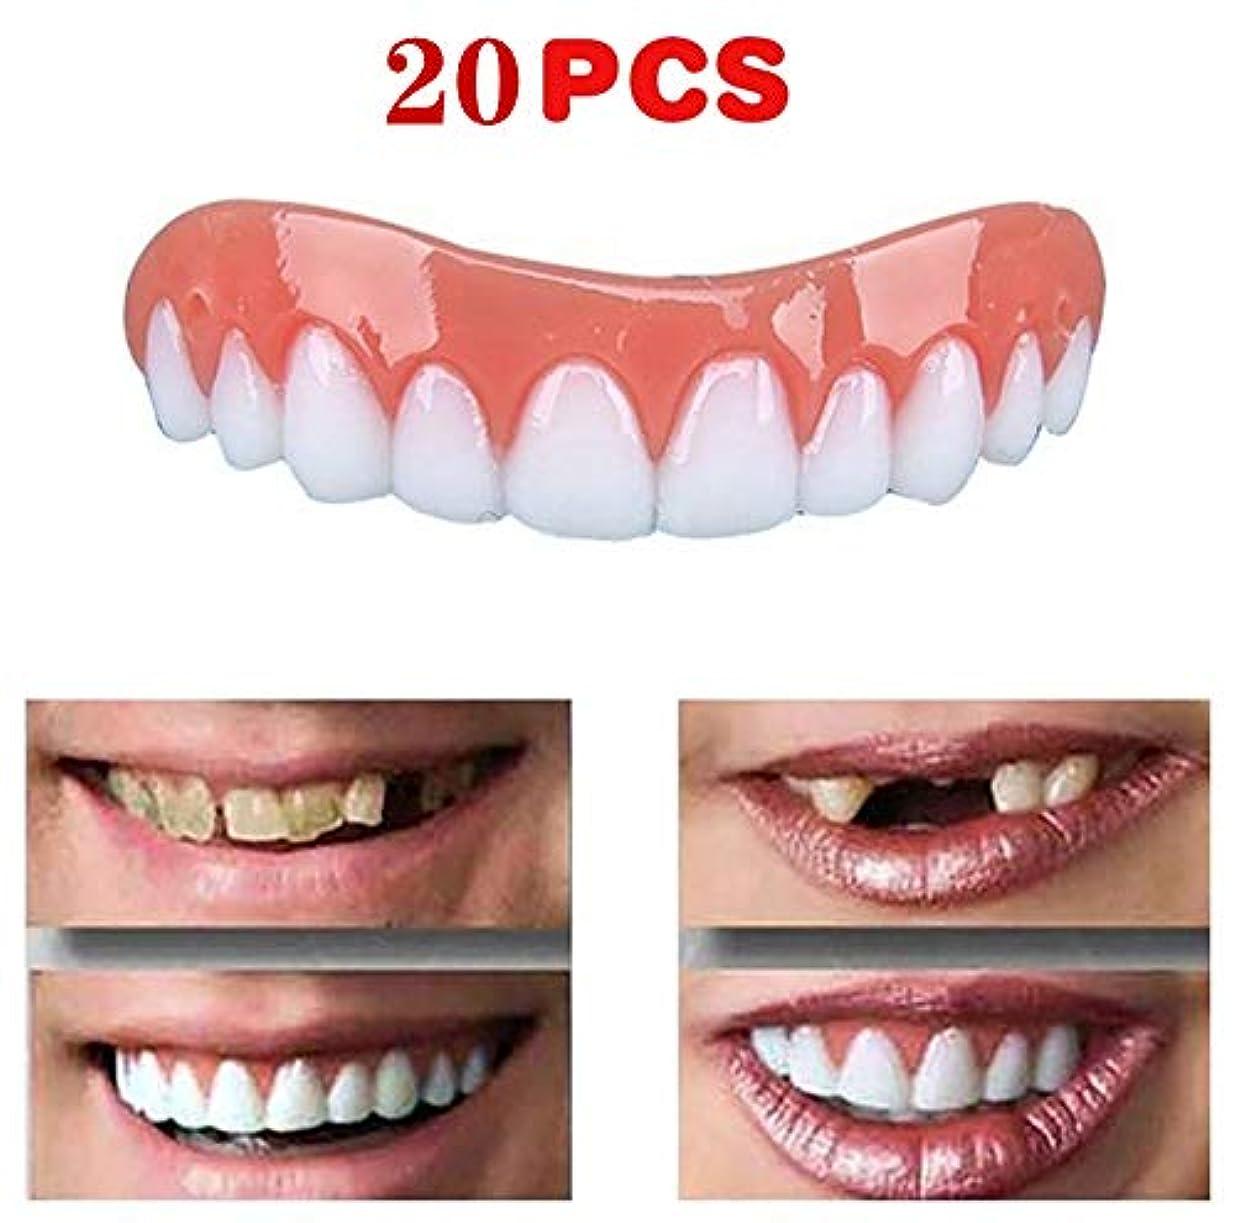 セレナリブセットアップ20ピース新しい再利用可能な大人のスナップオンパーフェクトスマイルホワイトニング義歯フィットフレックス化粧品歯快適な突き板カバーデンタルケアアクセサリー